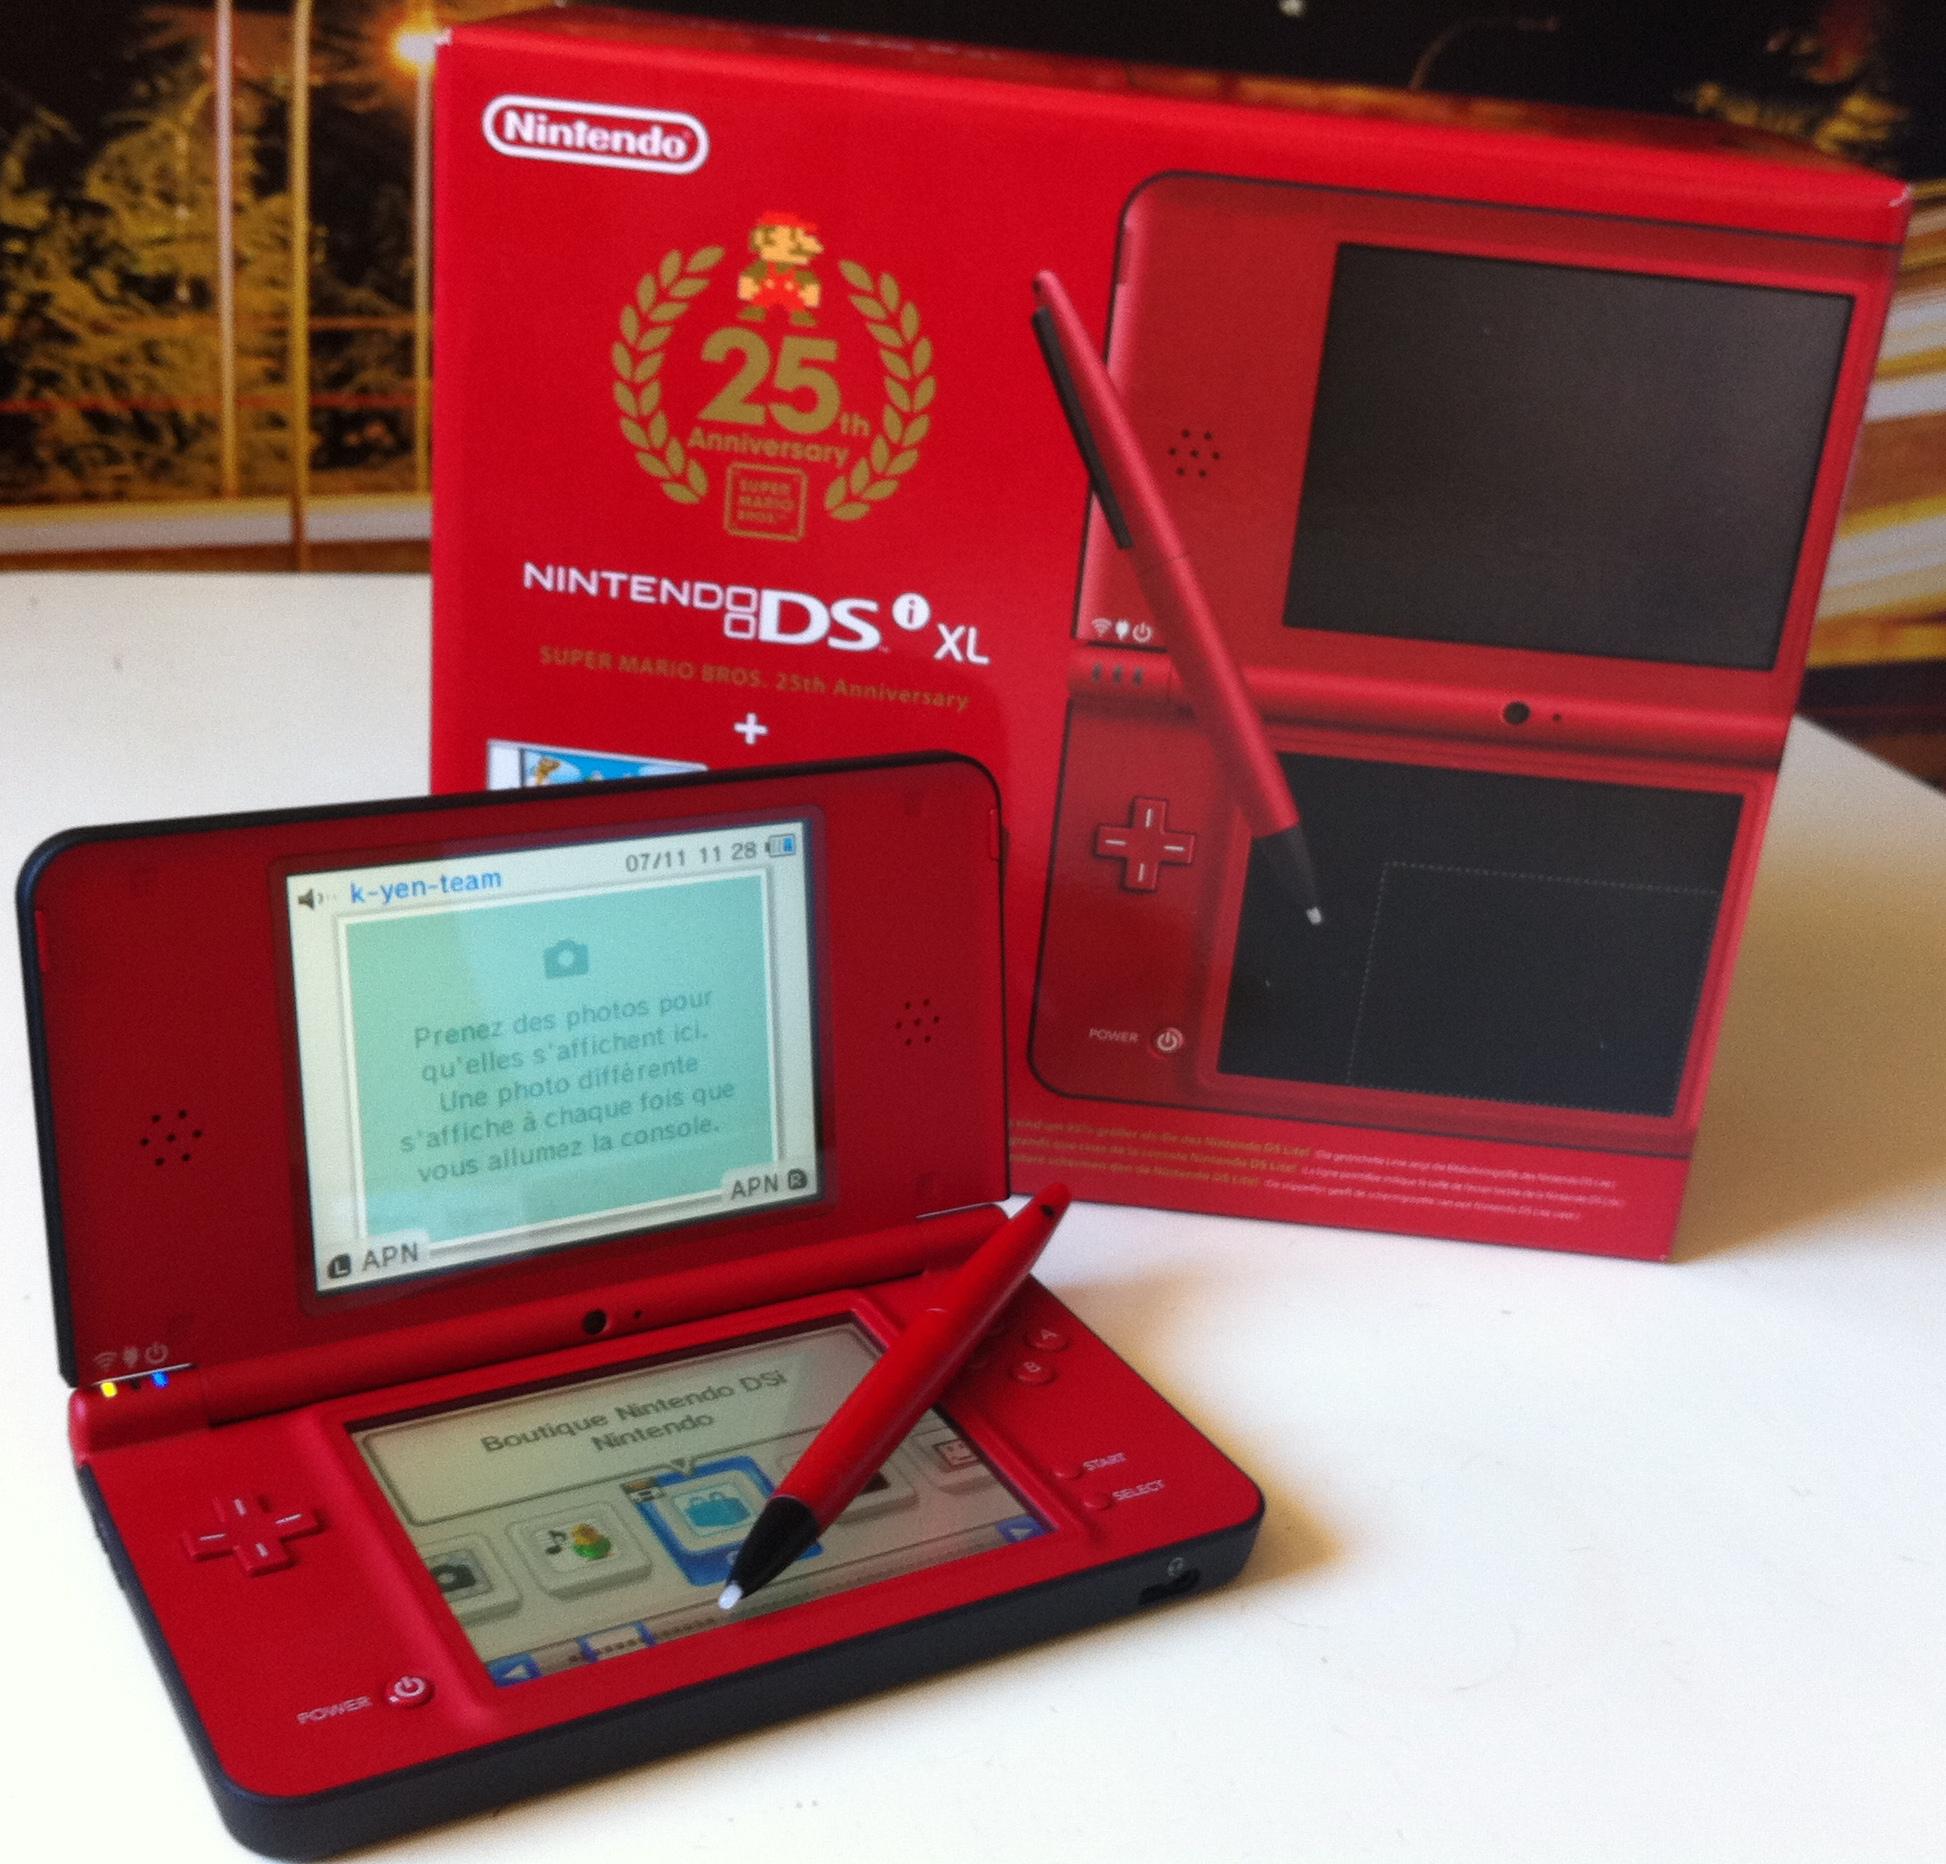 Dsi XL spécial Mario de Nintendo